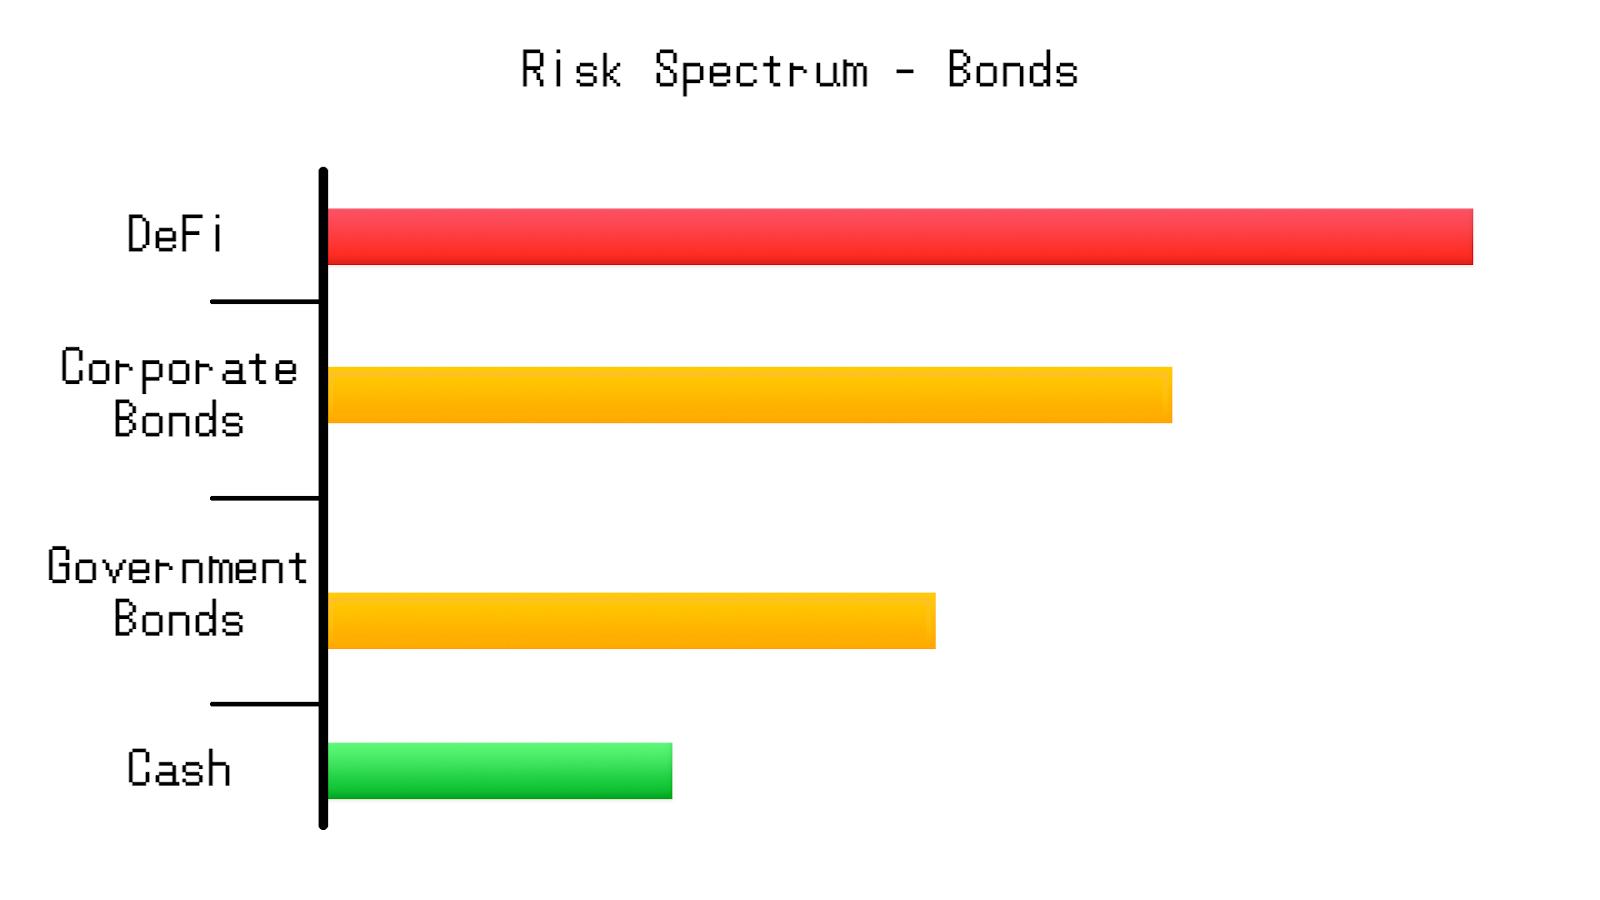 Risk spectrum for low-risk assets.